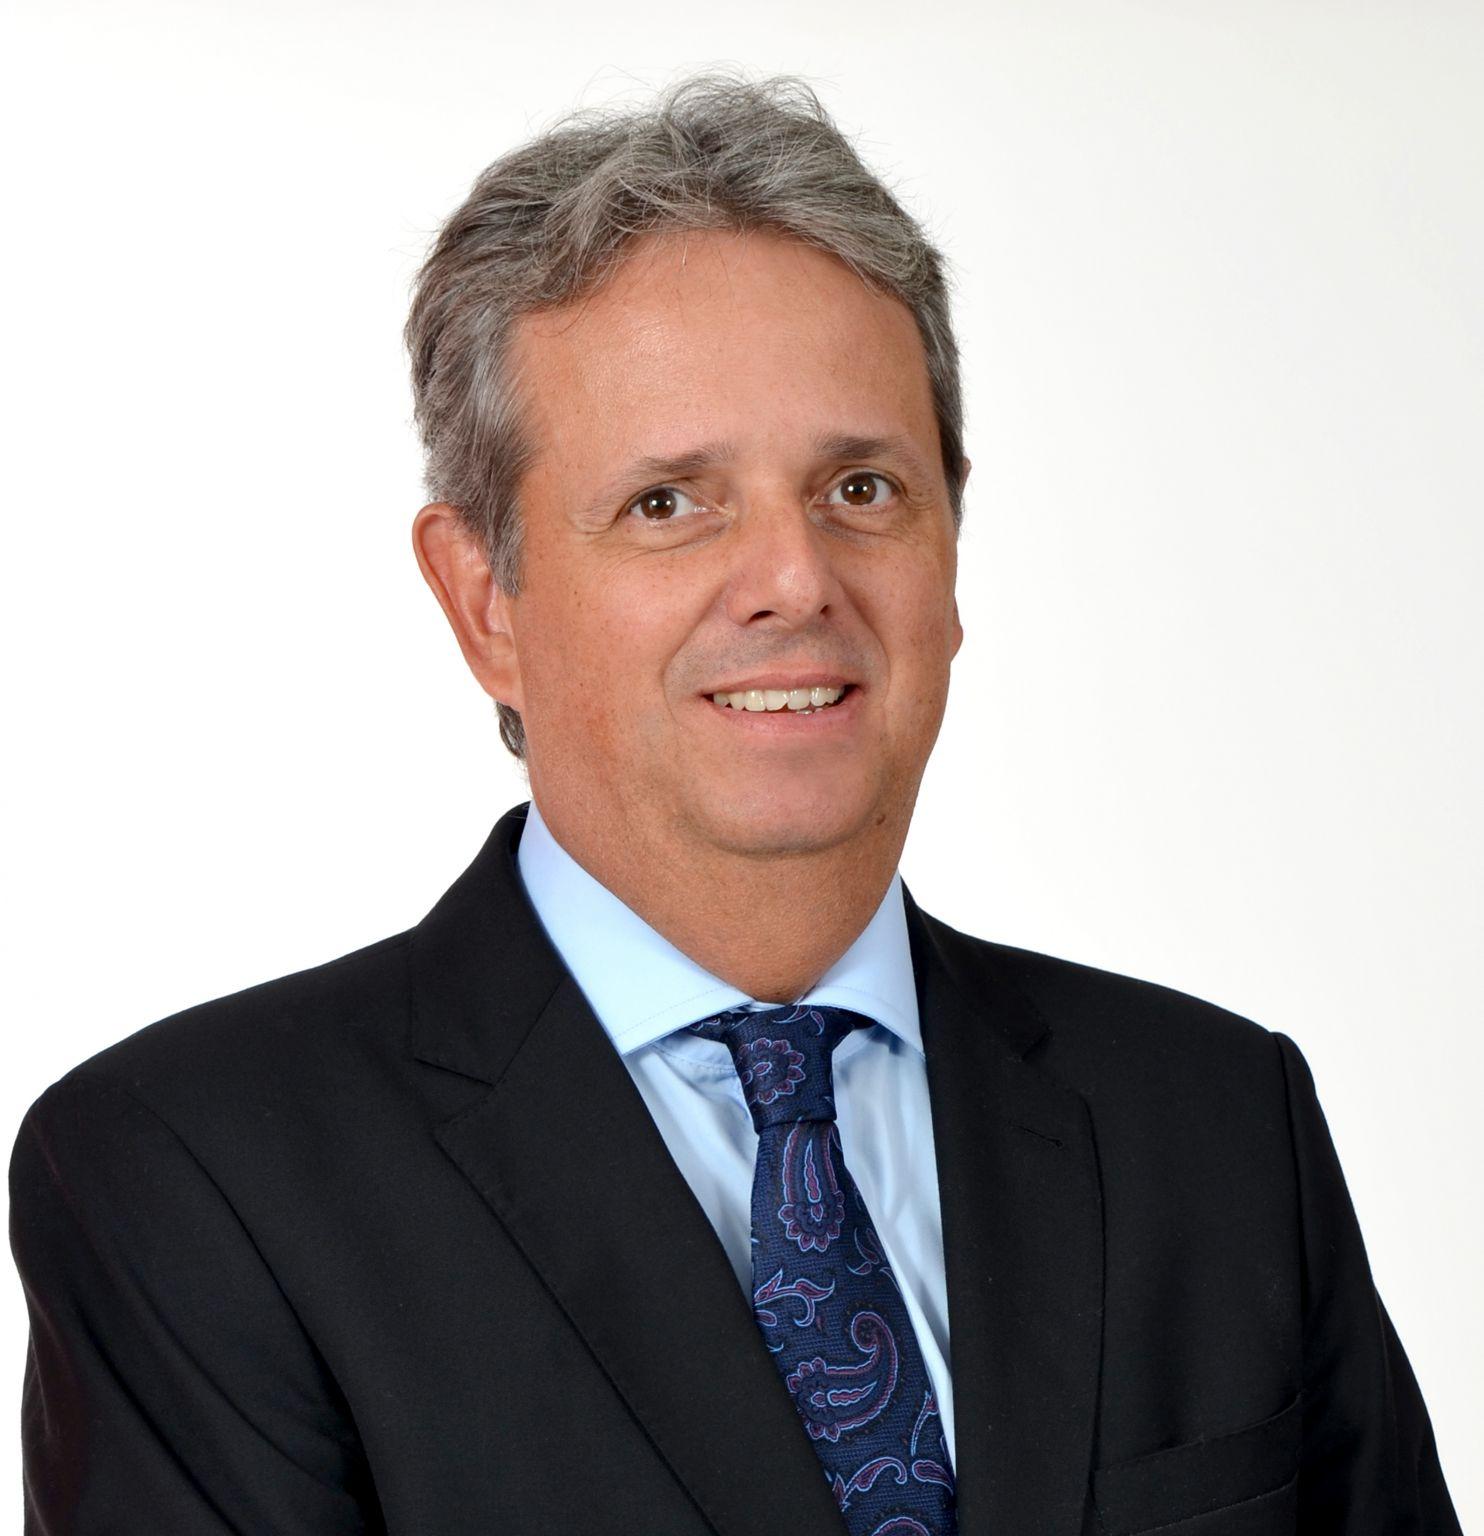 CORPO DOCENTE - Maurício Camargo